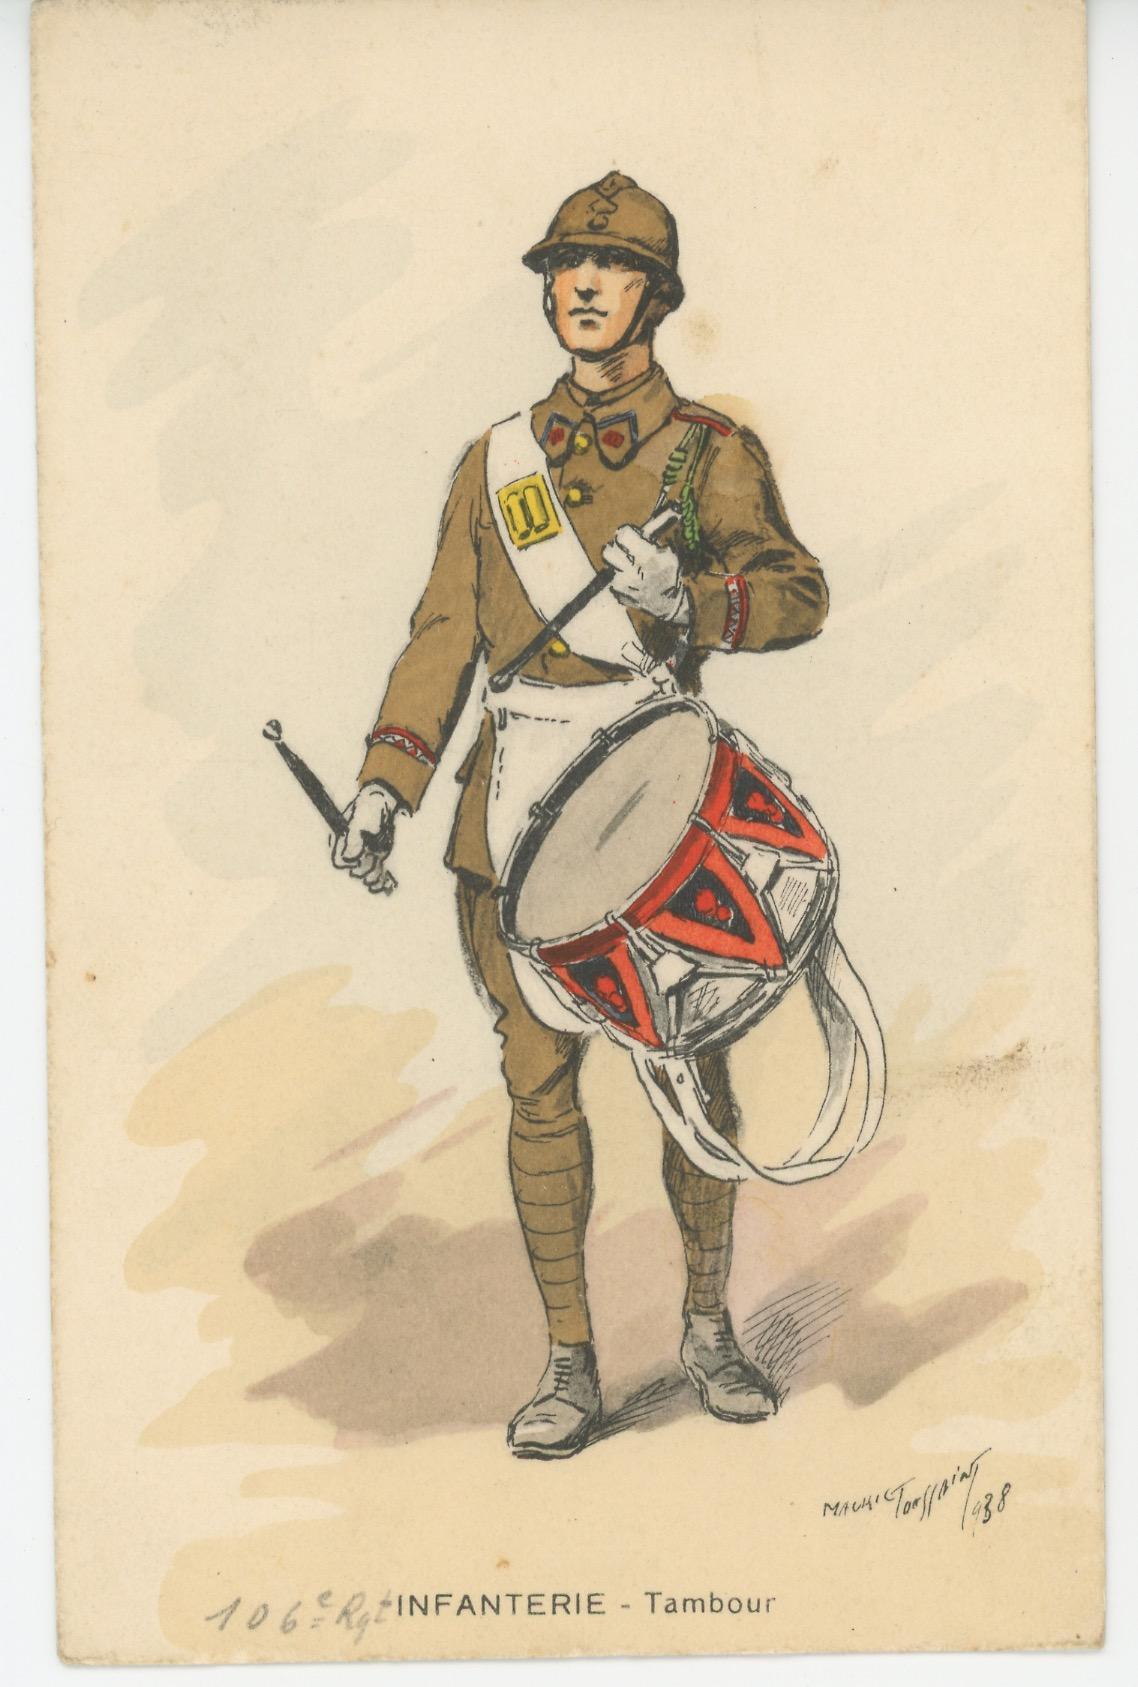 Carte Postale Illustrée - Maurice Toussaint - Edition Militaire Illustrées - Infanterie de ligne - 1940 - Tambour